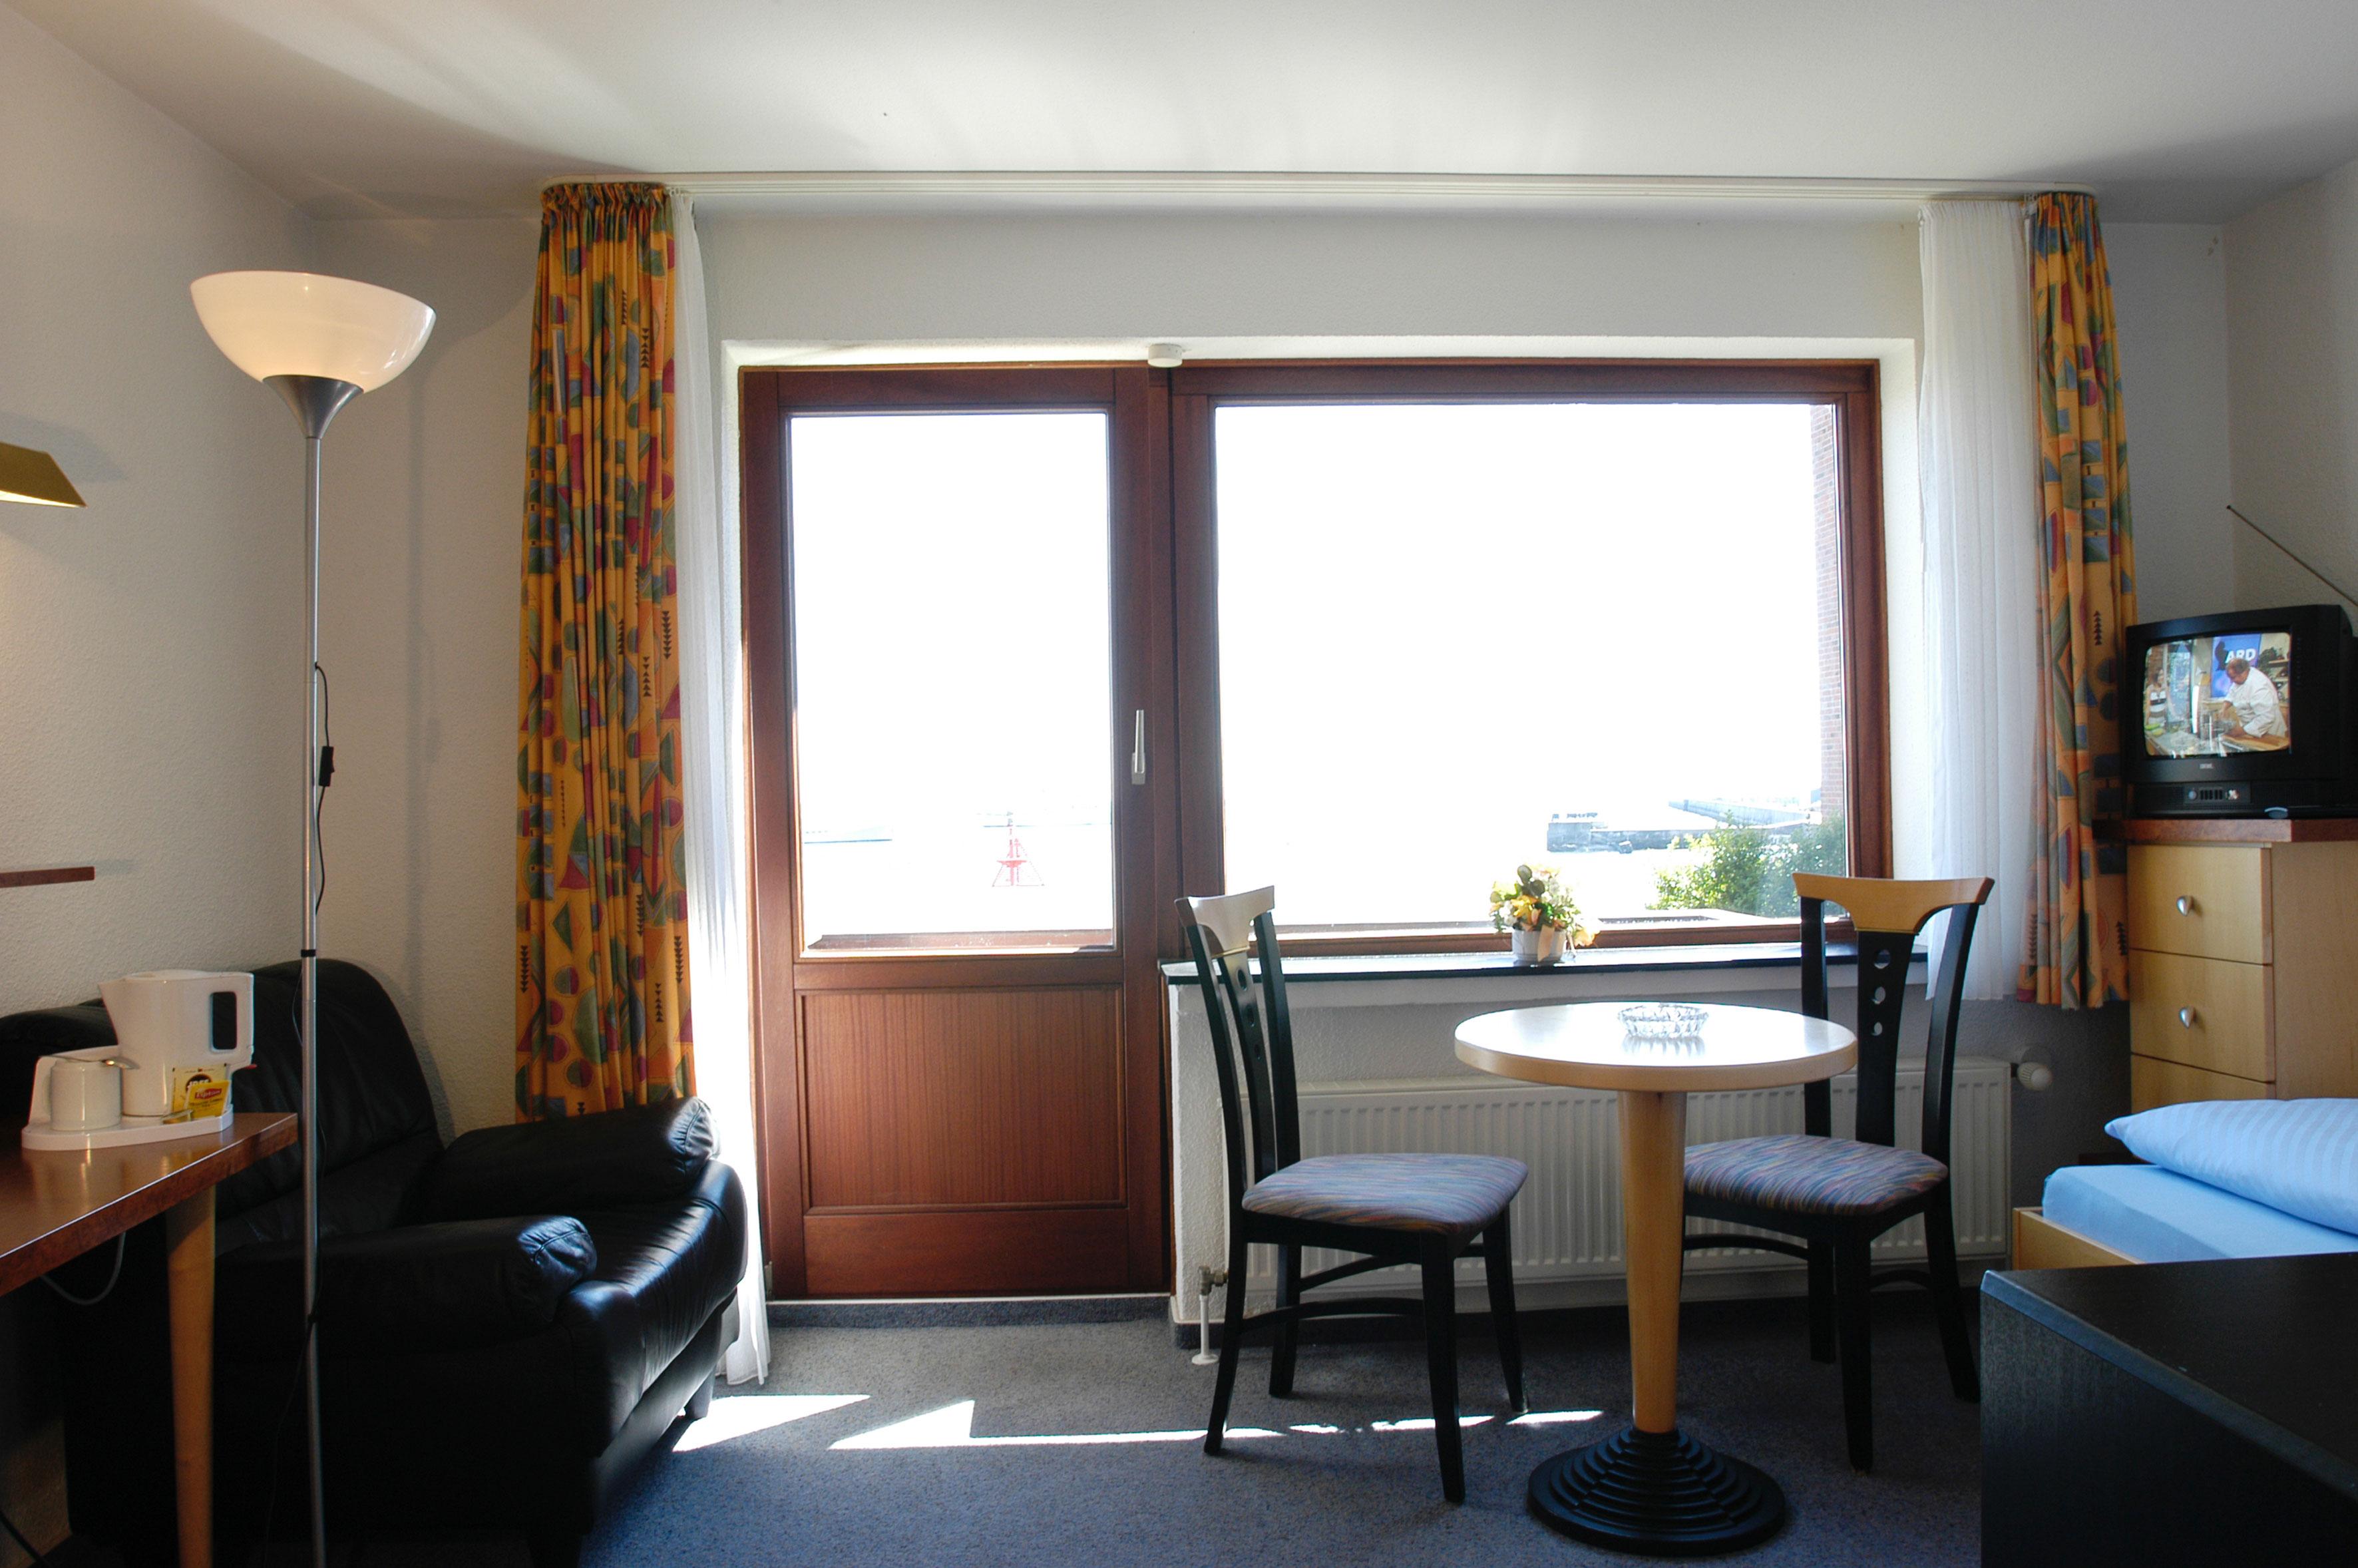 Panorama-Einzelzimmer im Hotel Rickmers Insulaner